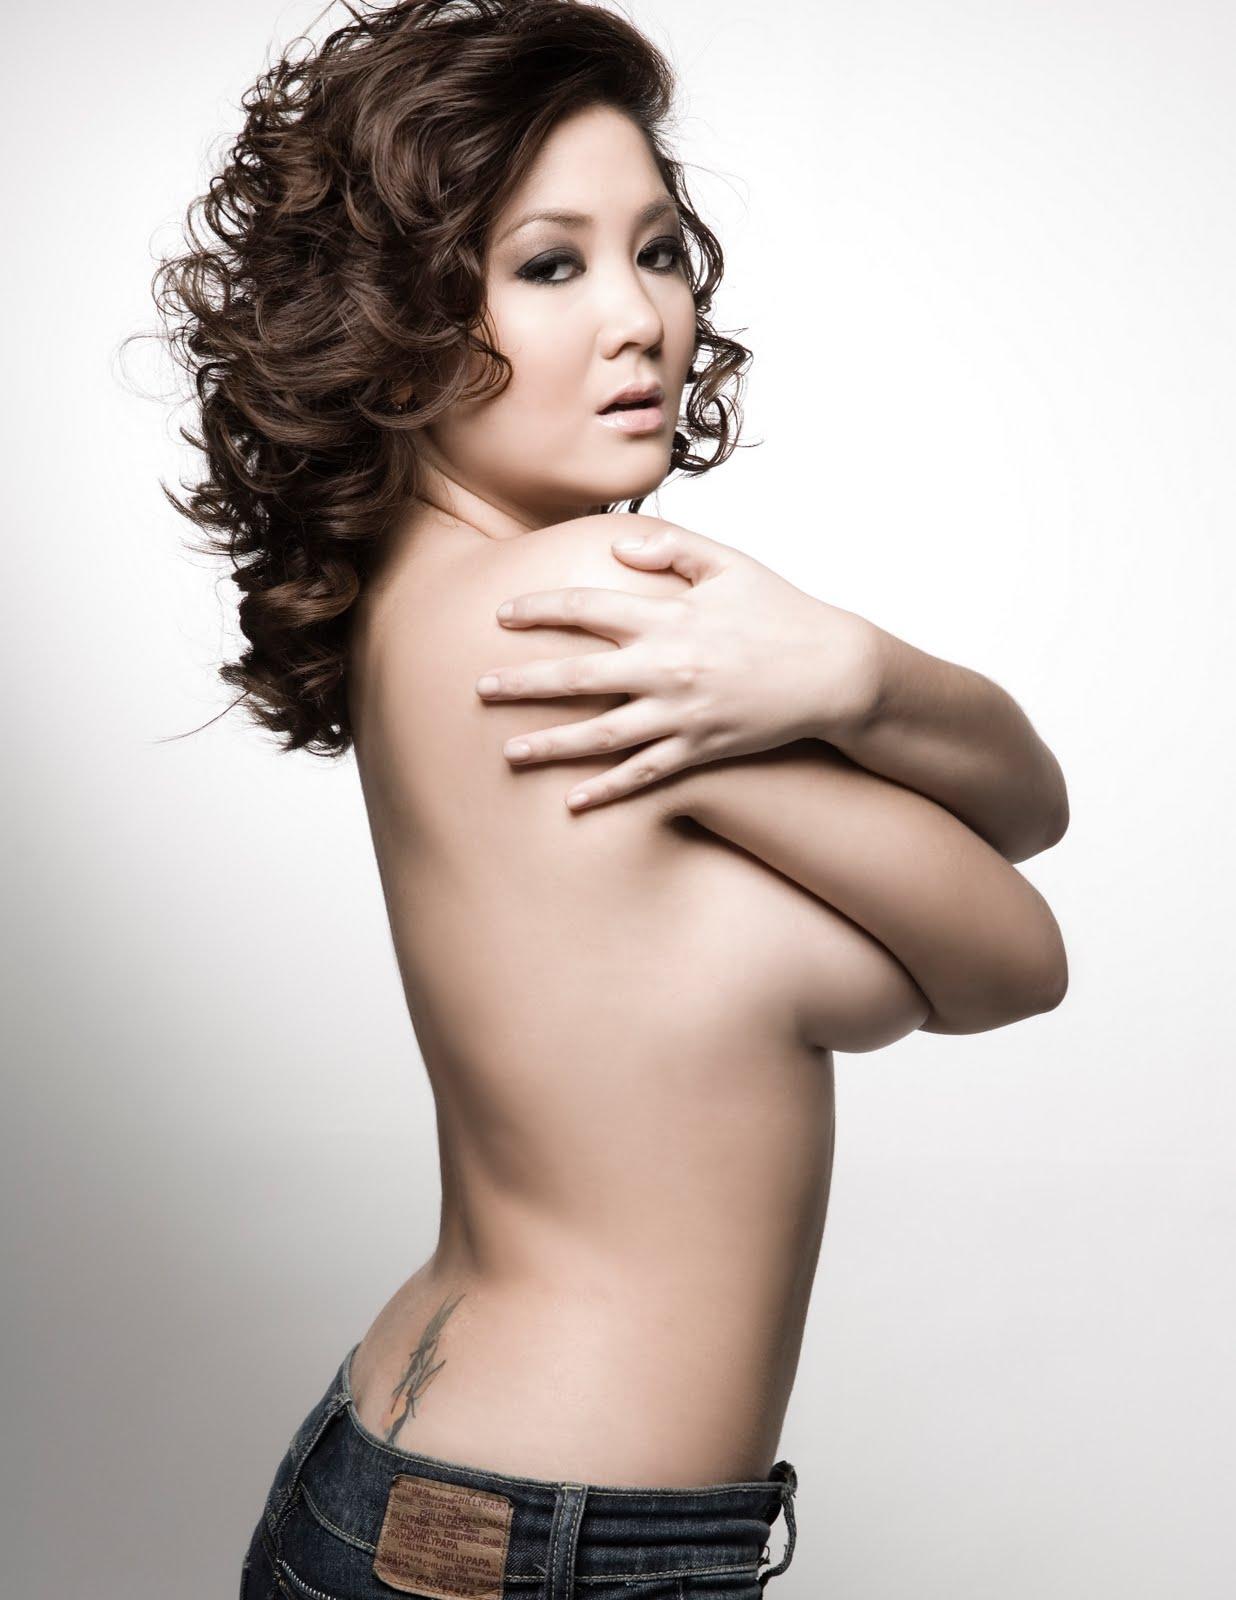 http://2.bp.blogspot.com/_9WyIX9h5IoM/TI3gCOt6q_I/AAAAAAAAAg4/CXGrYpdFIWM/s1600/katya+santos.jpg